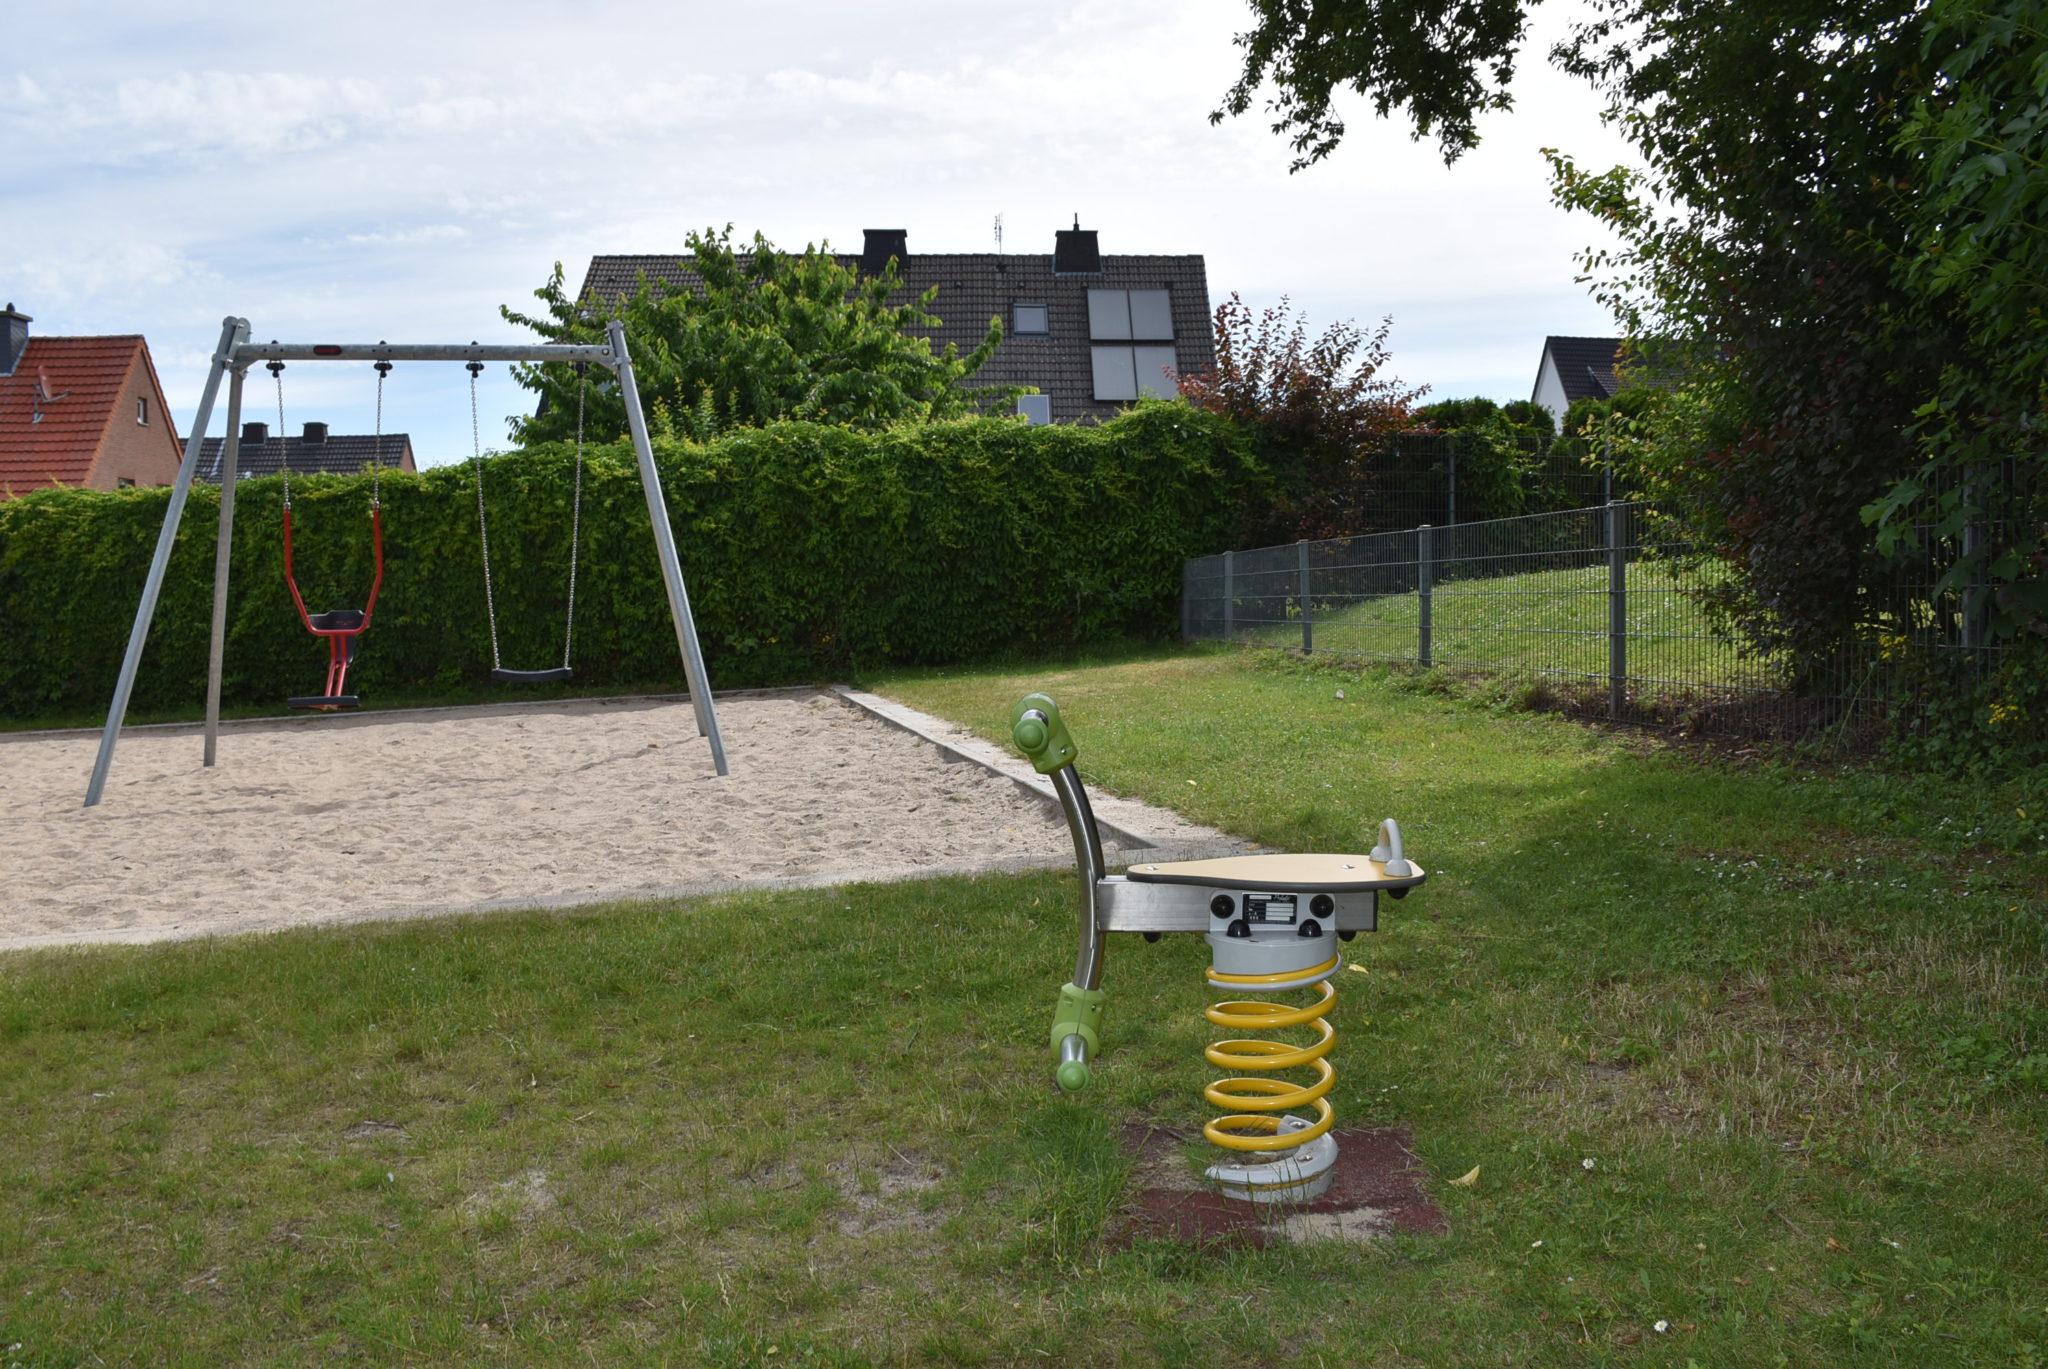 Übersicht Wippgerät Spielplatz Prozessionsweg